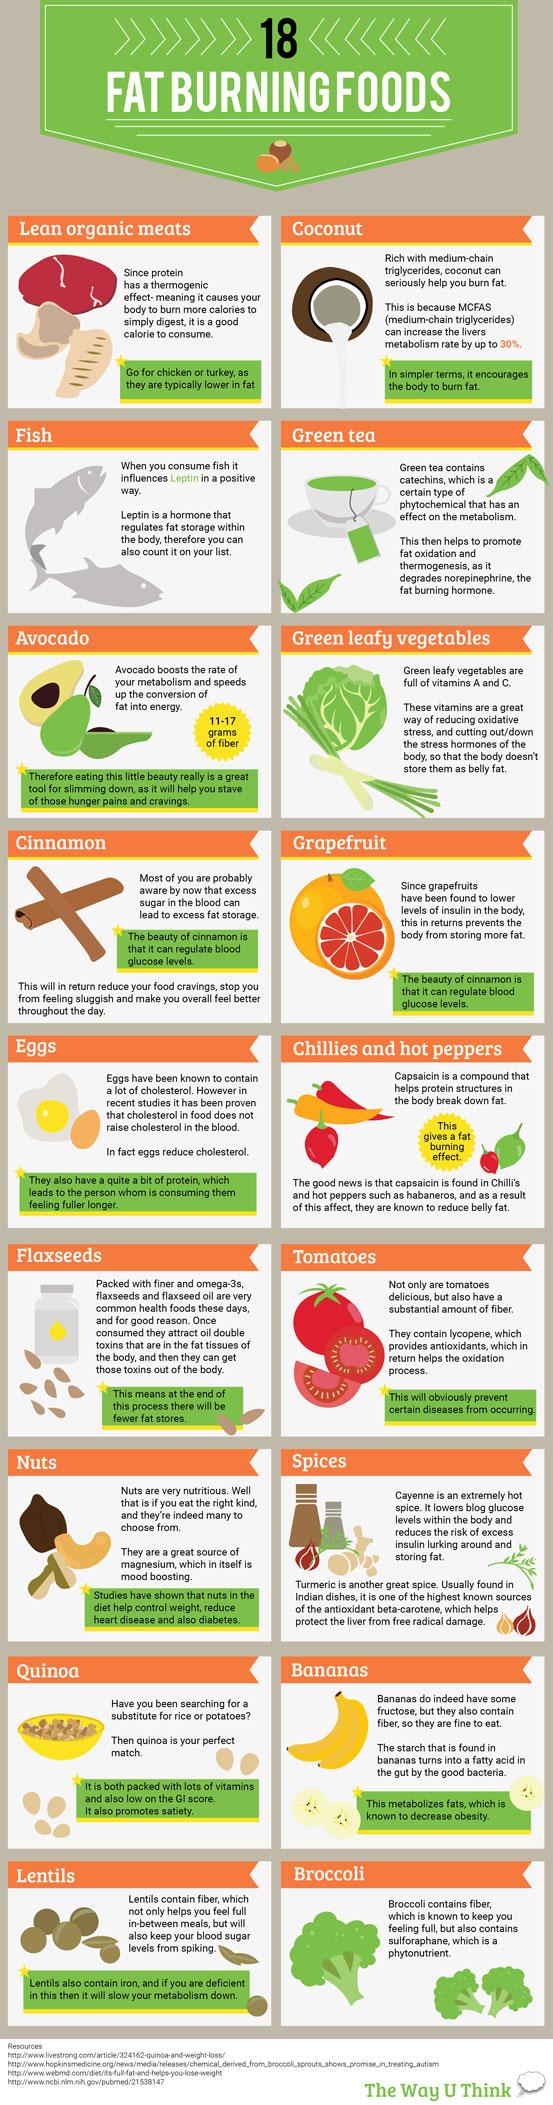 食品标题:【演界只有彩色】作品手绘-v食品图表全身都瘦信息肚子肉多图片